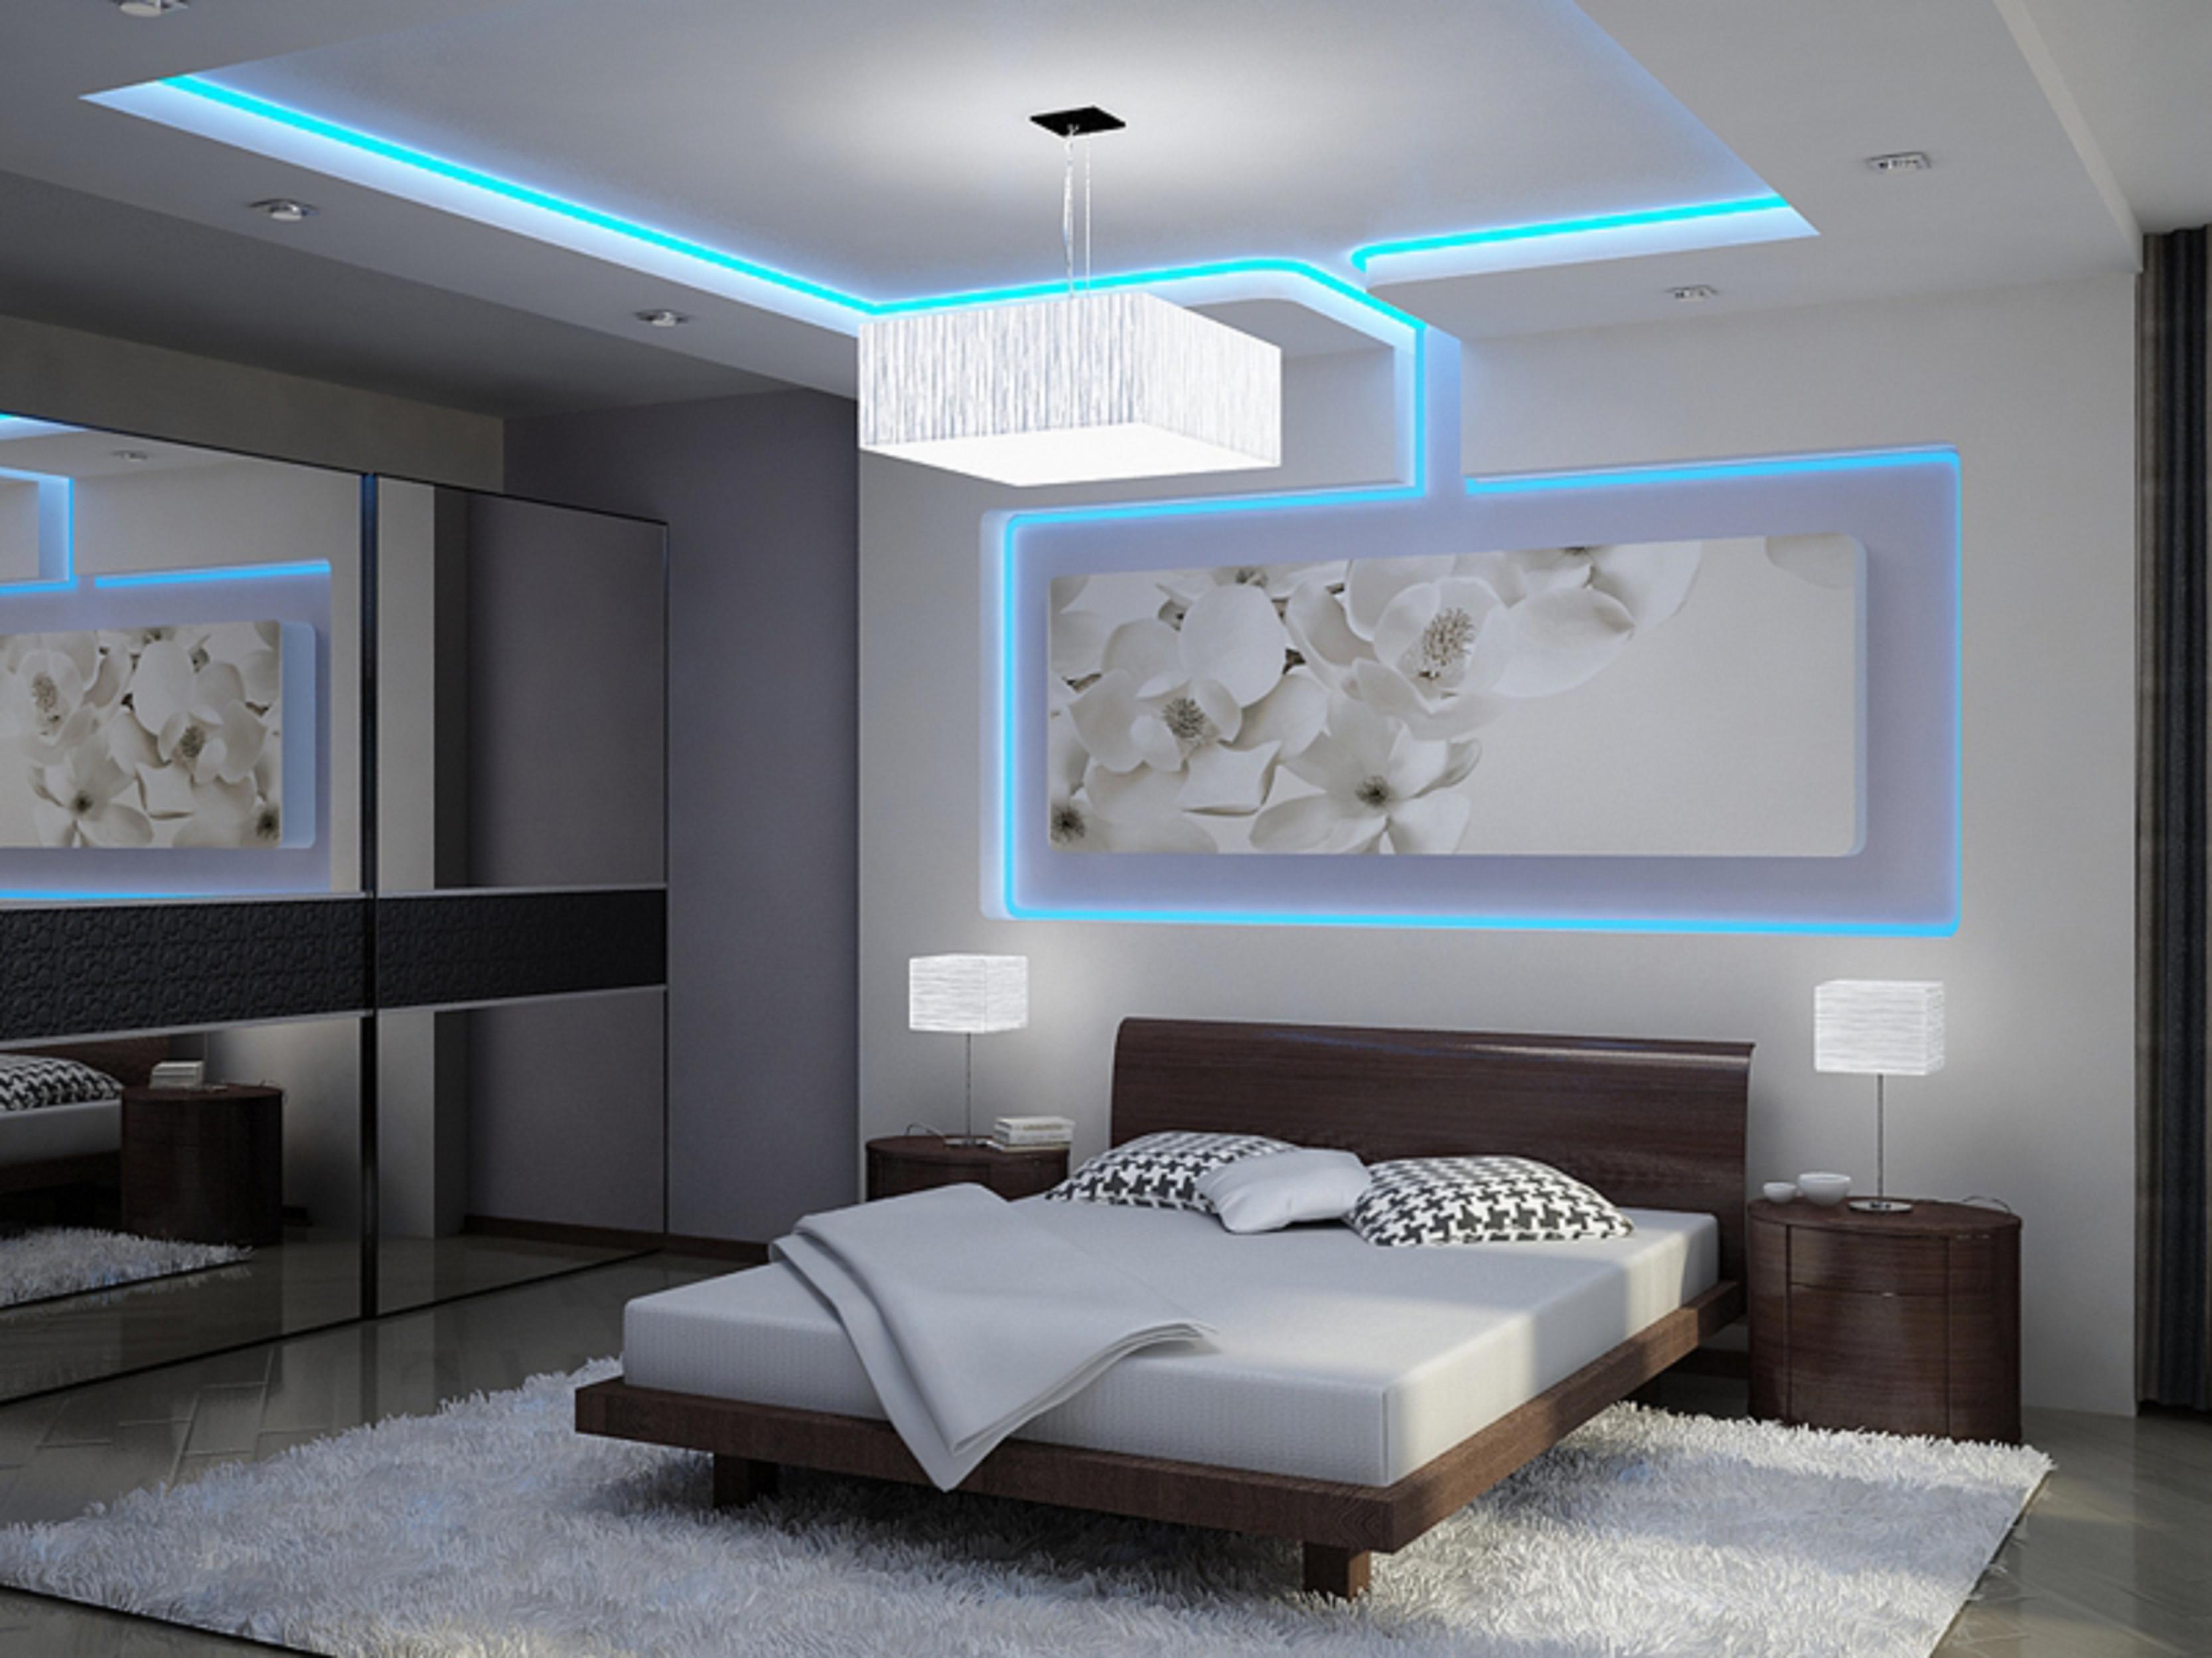 ديكورات جبس غرف نوم الجبس واجمل الفور لغرف النوم كيوت